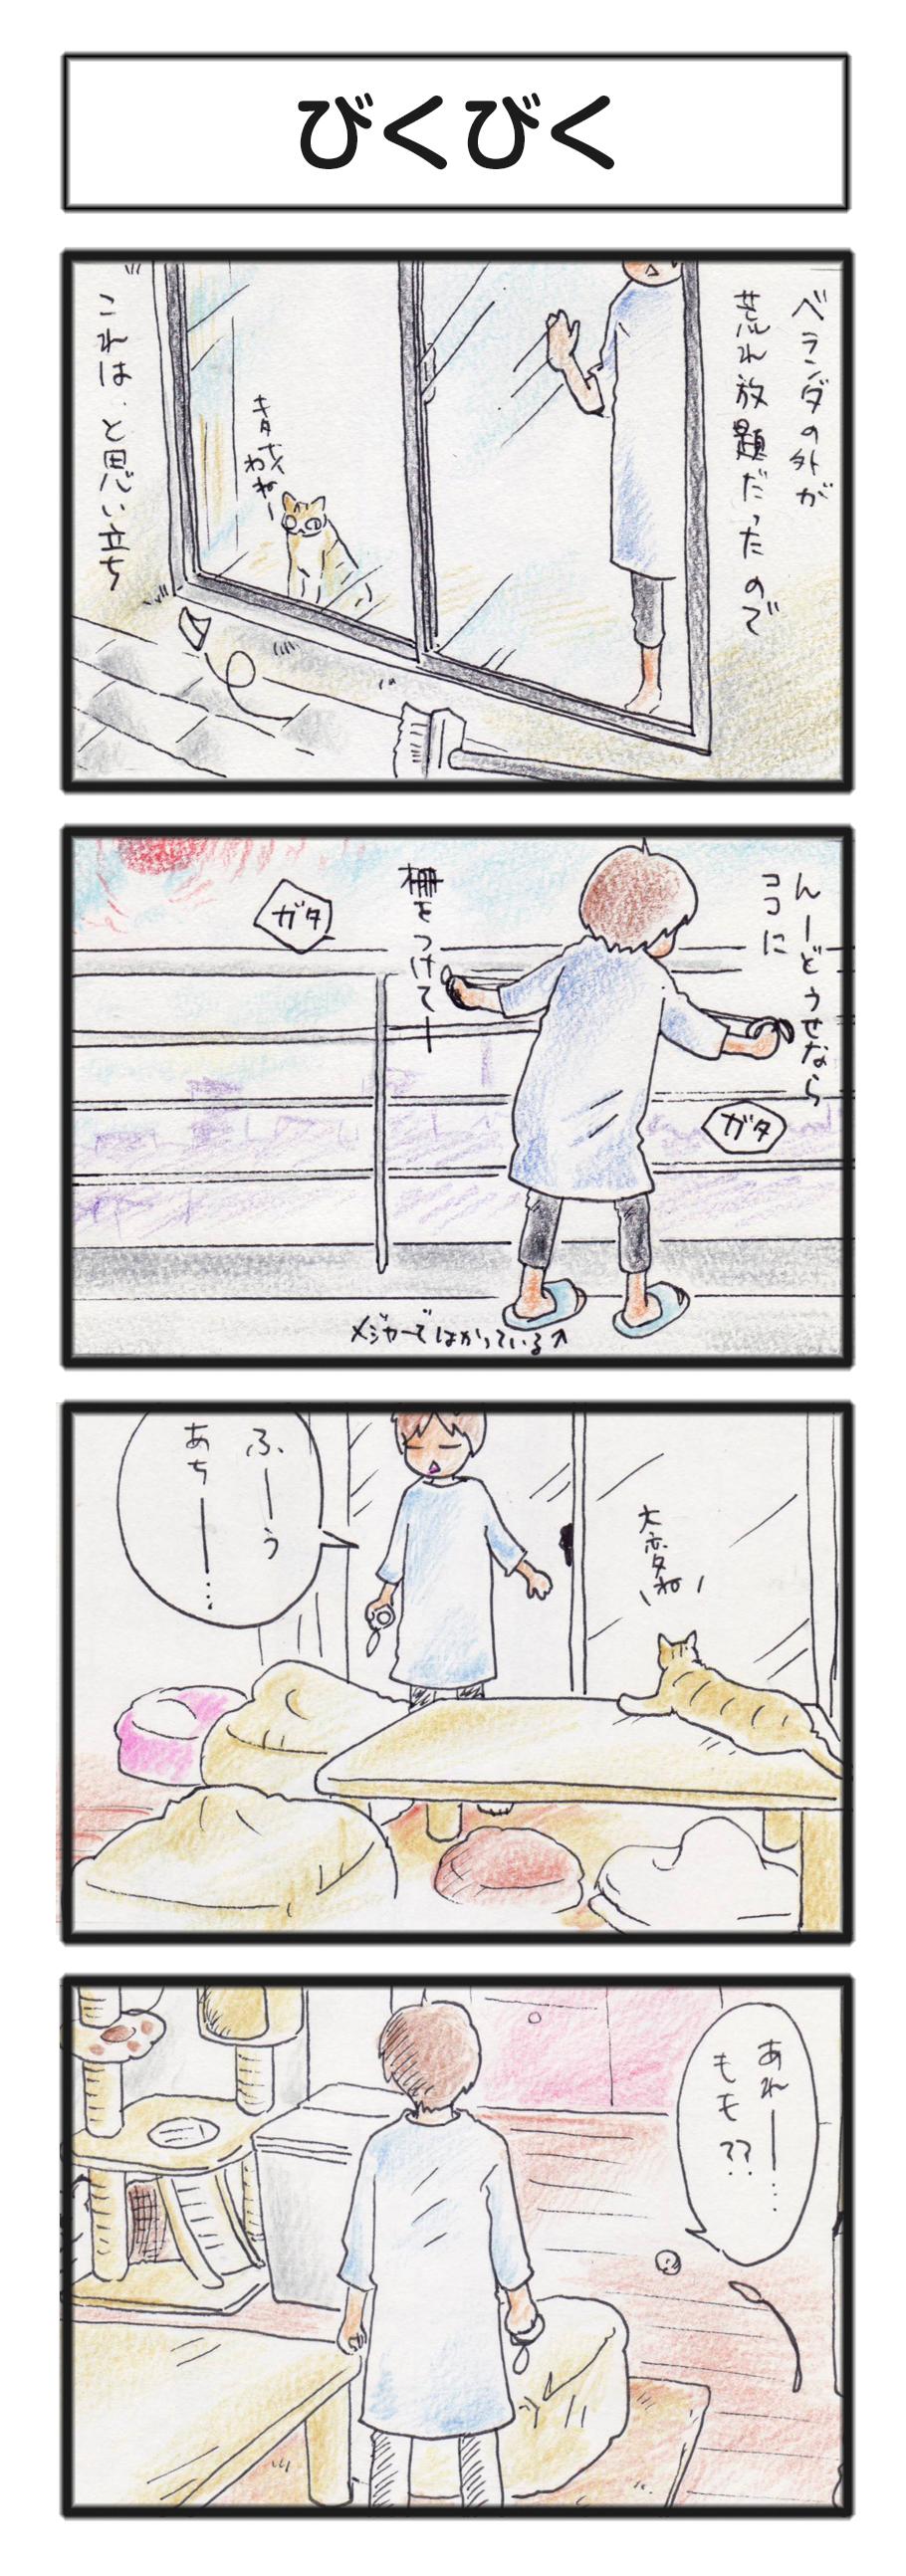 comic_4c_14072502.jpg